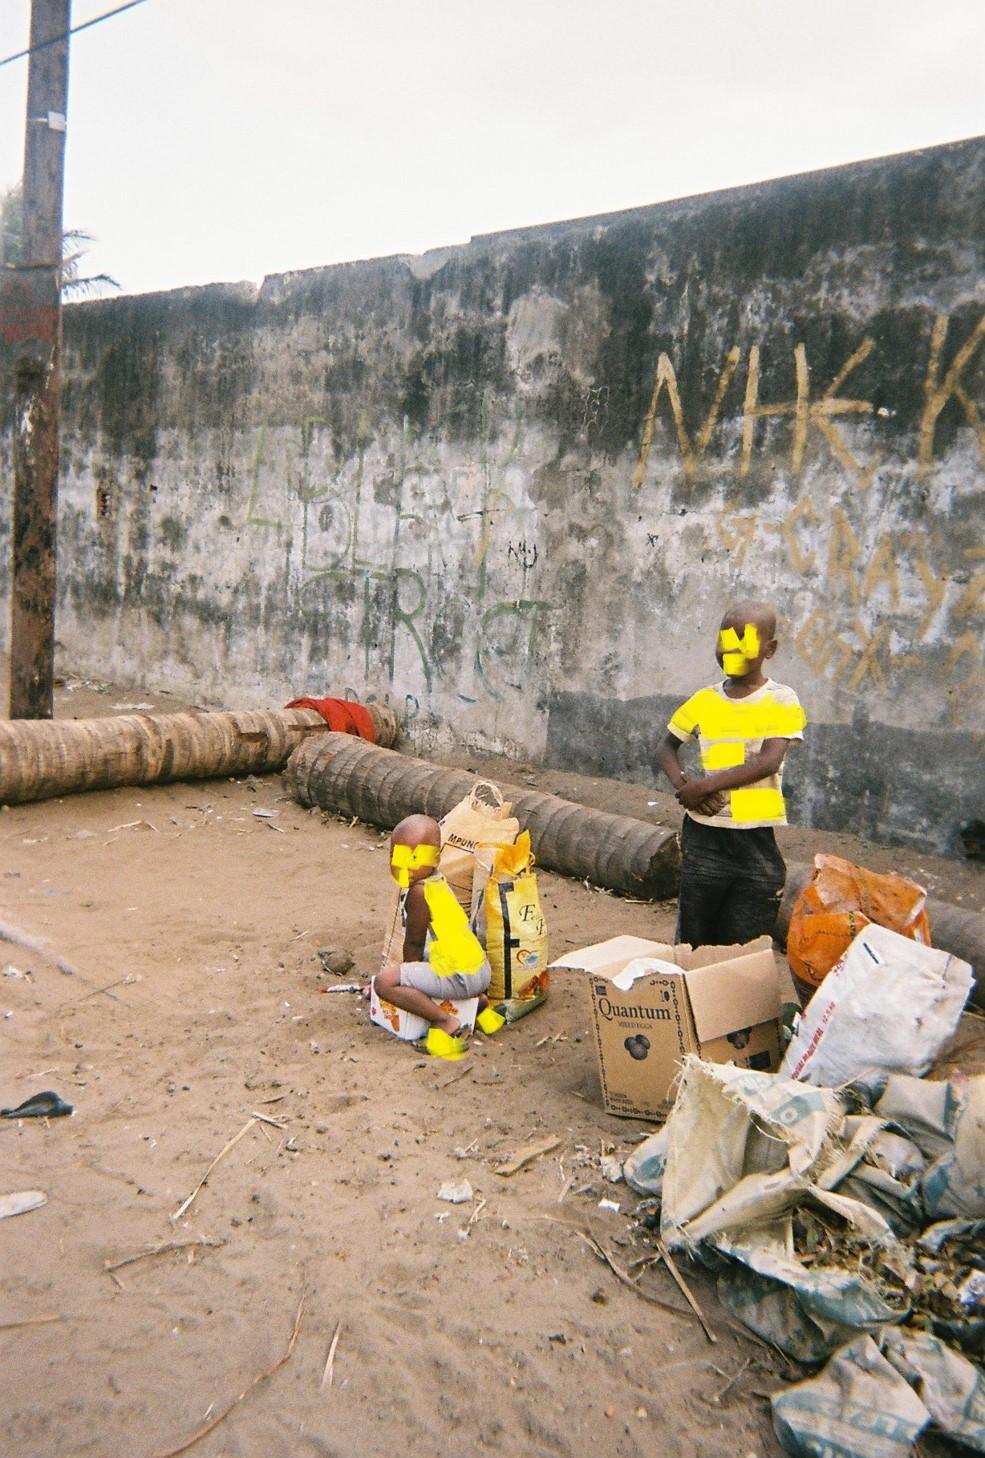 Zwei Kinder neben einem Müllhaufen. Müll kann Krankheiten übertragen. Das ist ein unsicherer Ort.